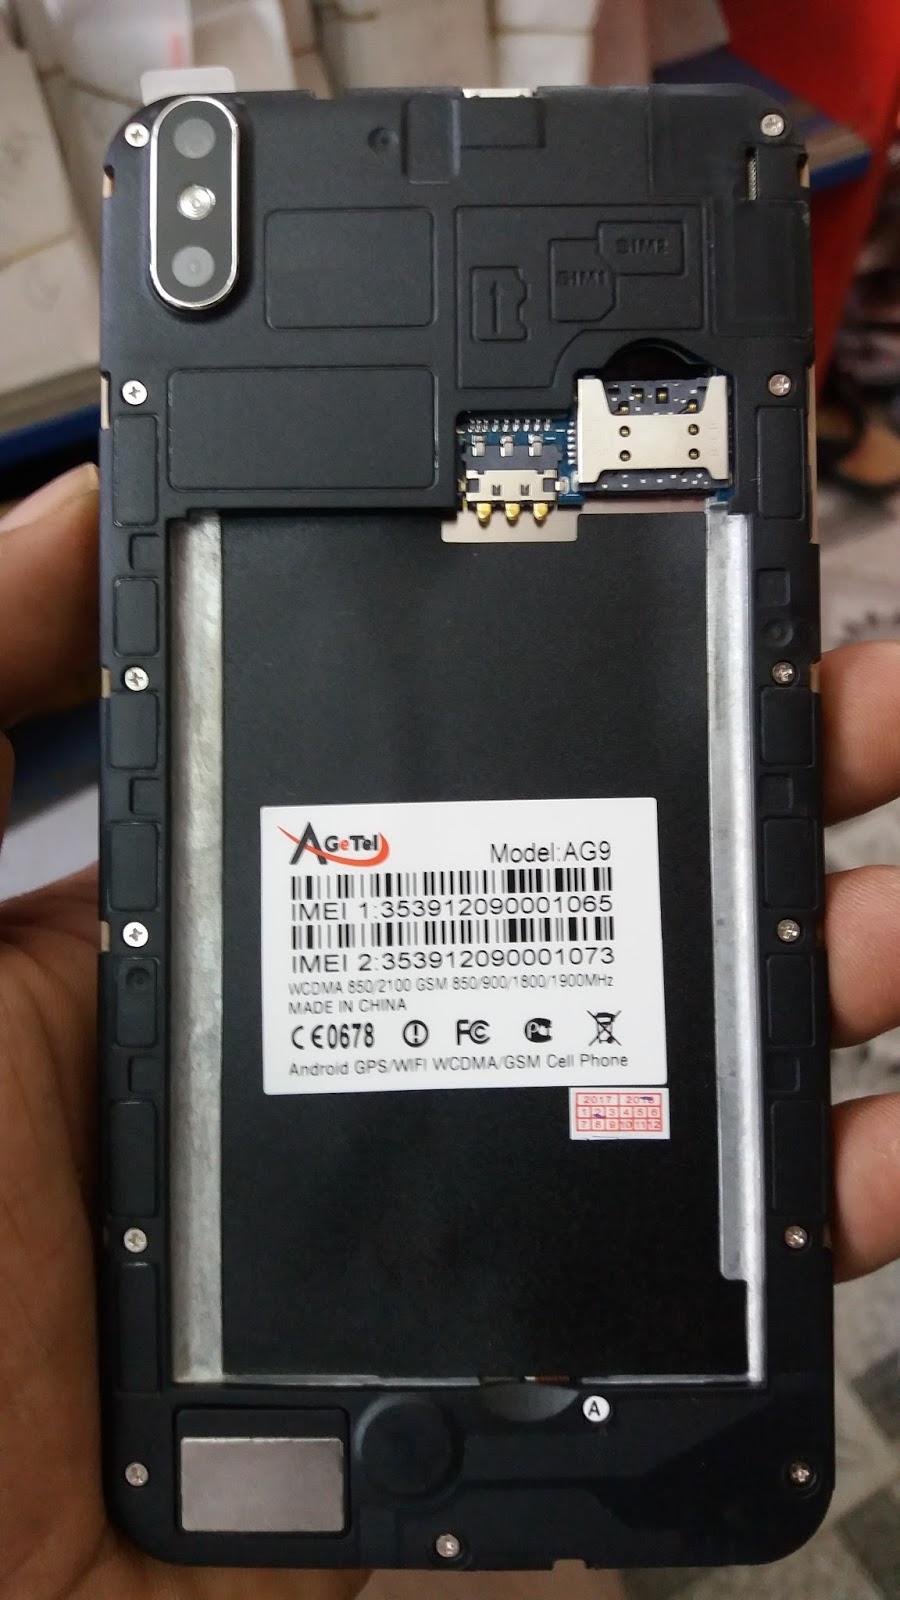 Agetel AG9 Flash File